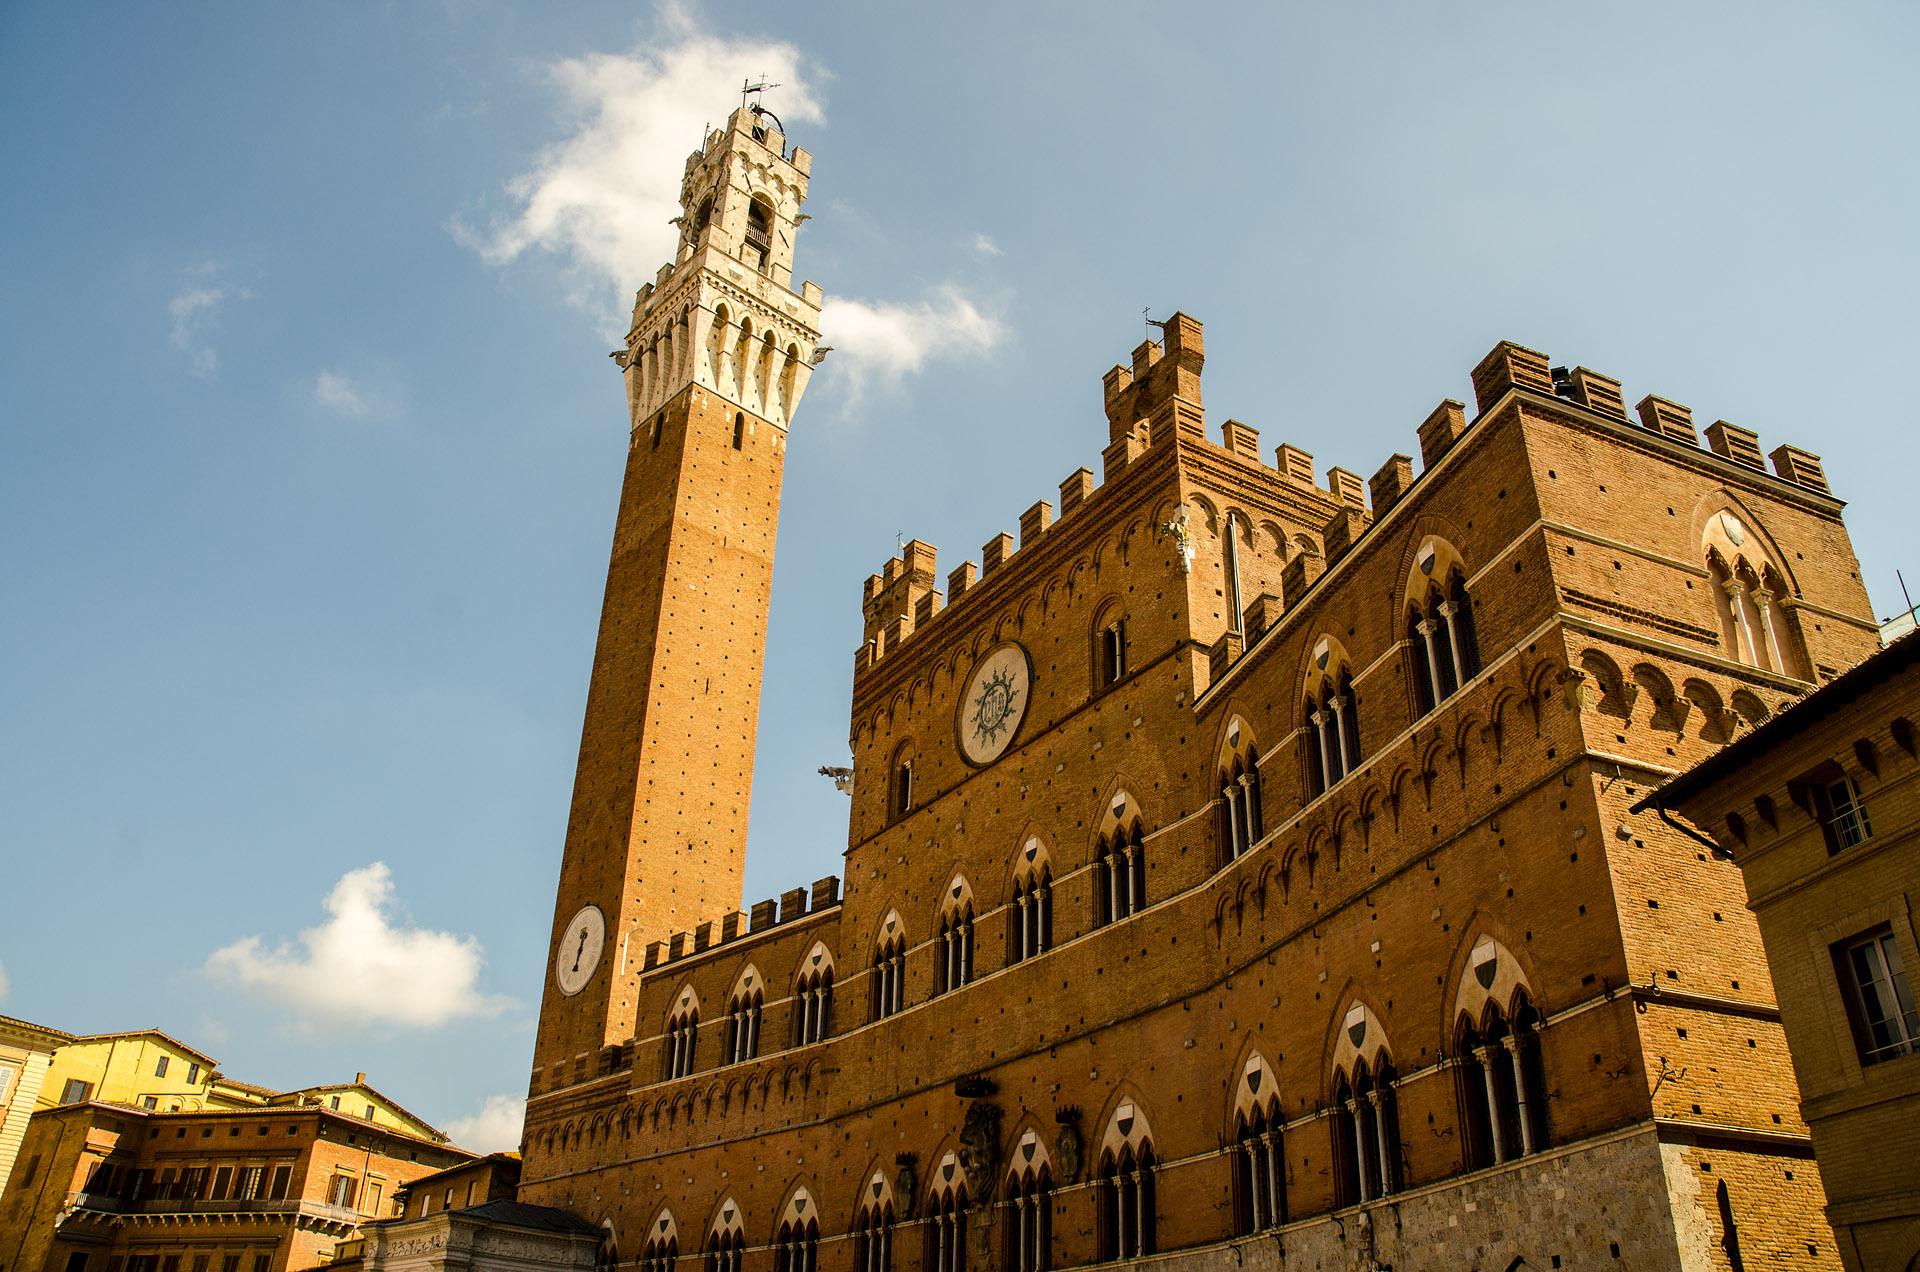 Torre del Mangia (Piazza del Campo)